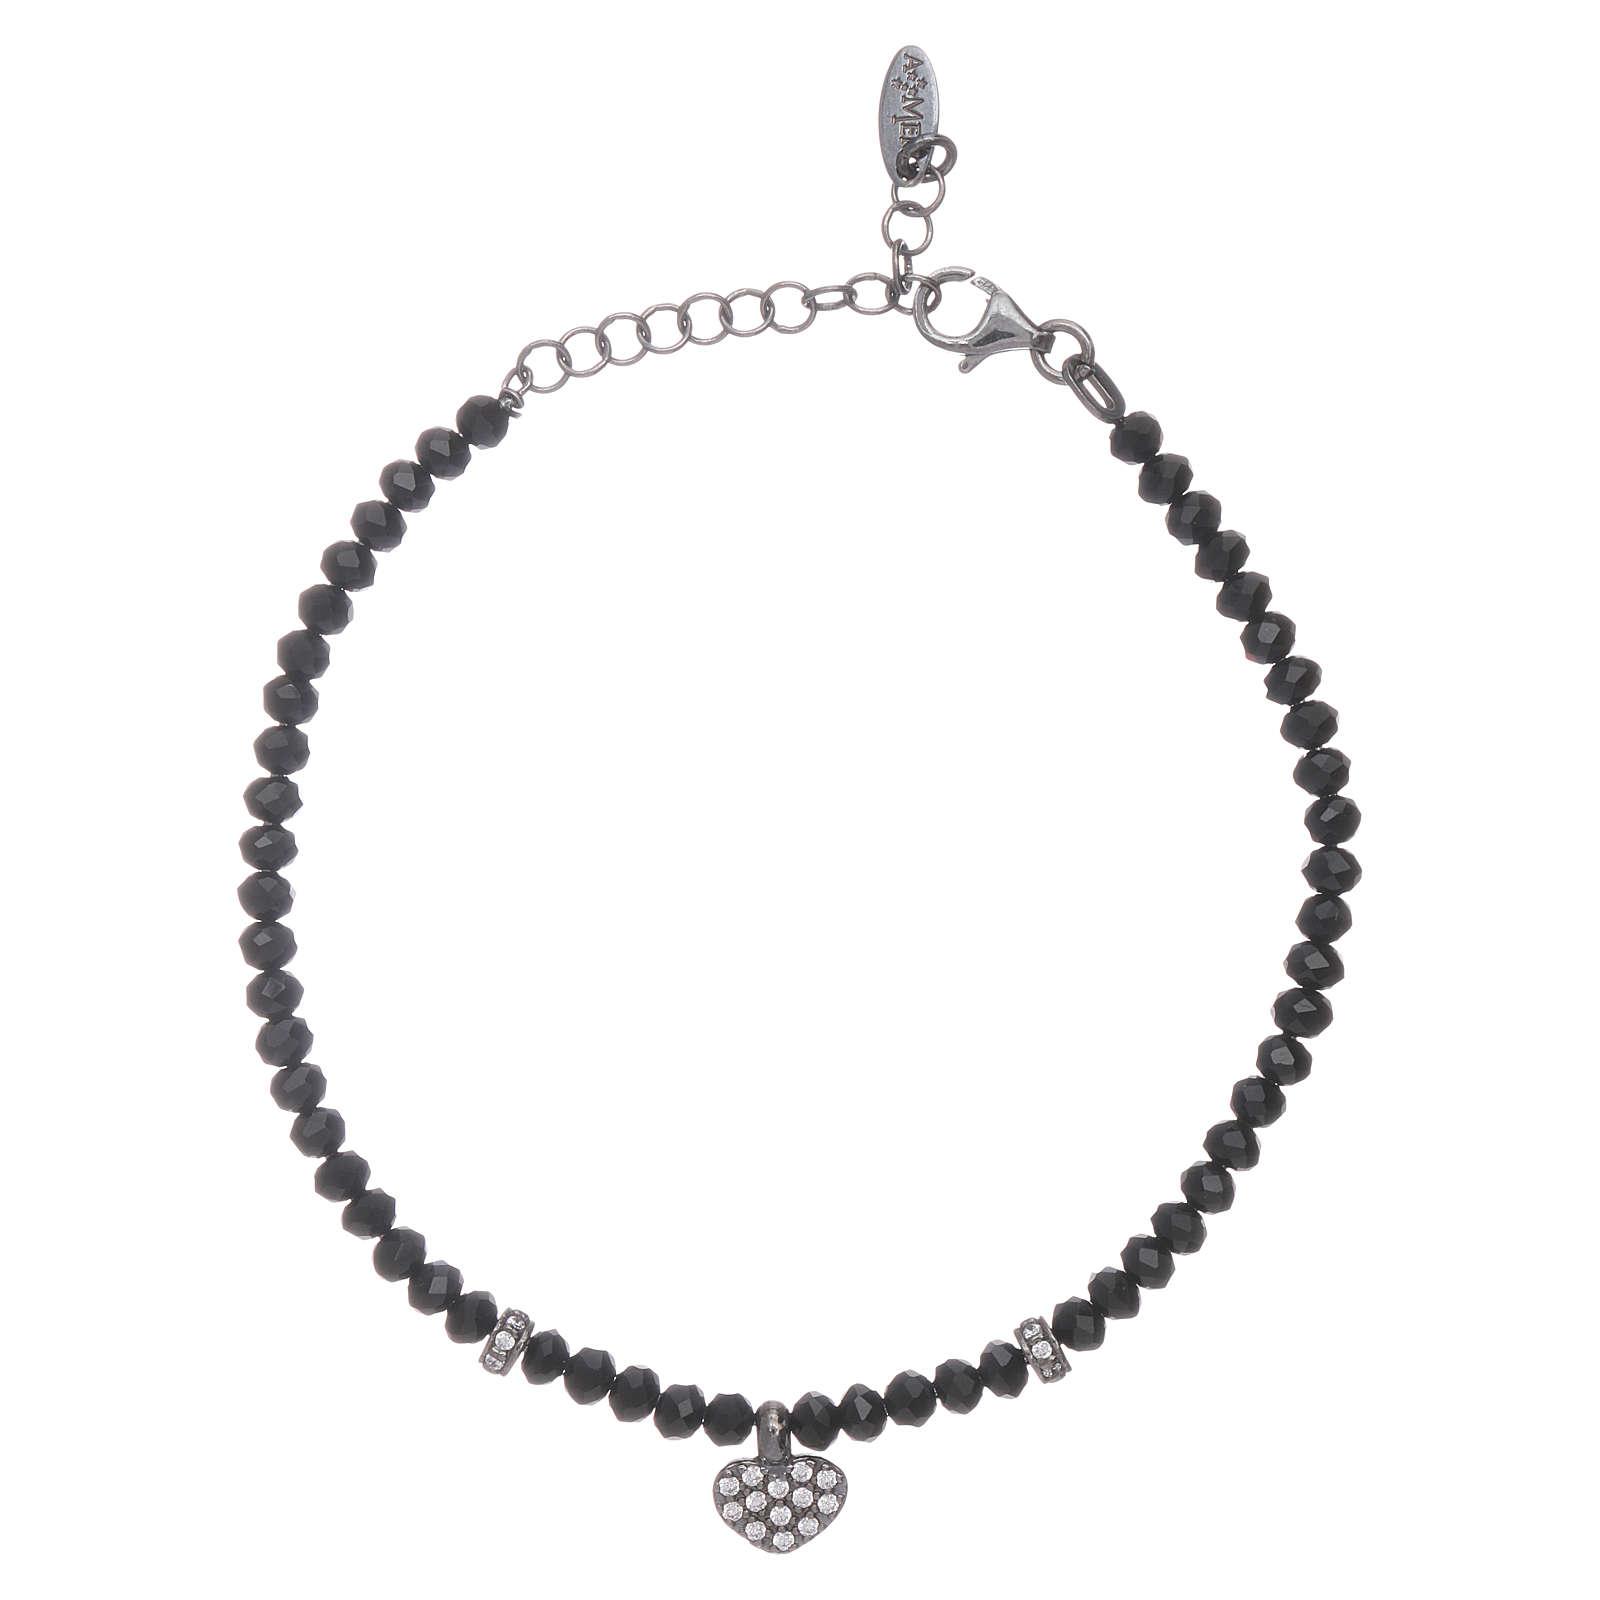 Bracciale AMEN cristalli neri arg 925 cuore zirconato 4